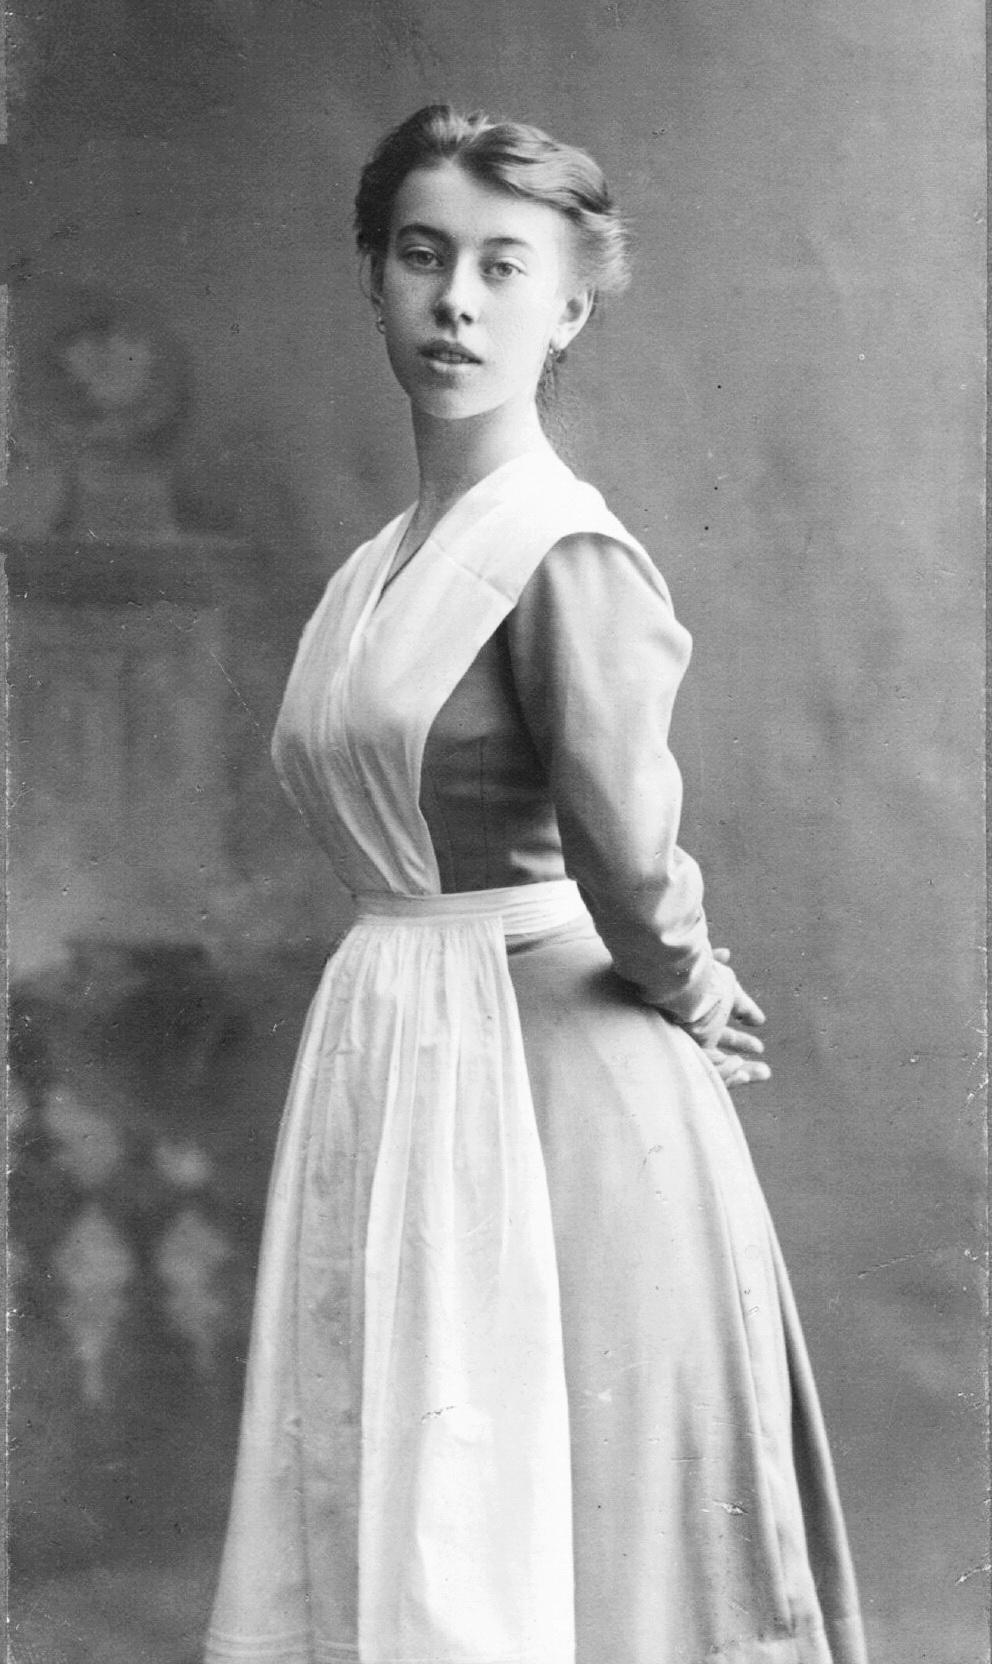 9-випускниця Імператорського театрального училища Б.Ніжінская в фартух, 1908 р АА